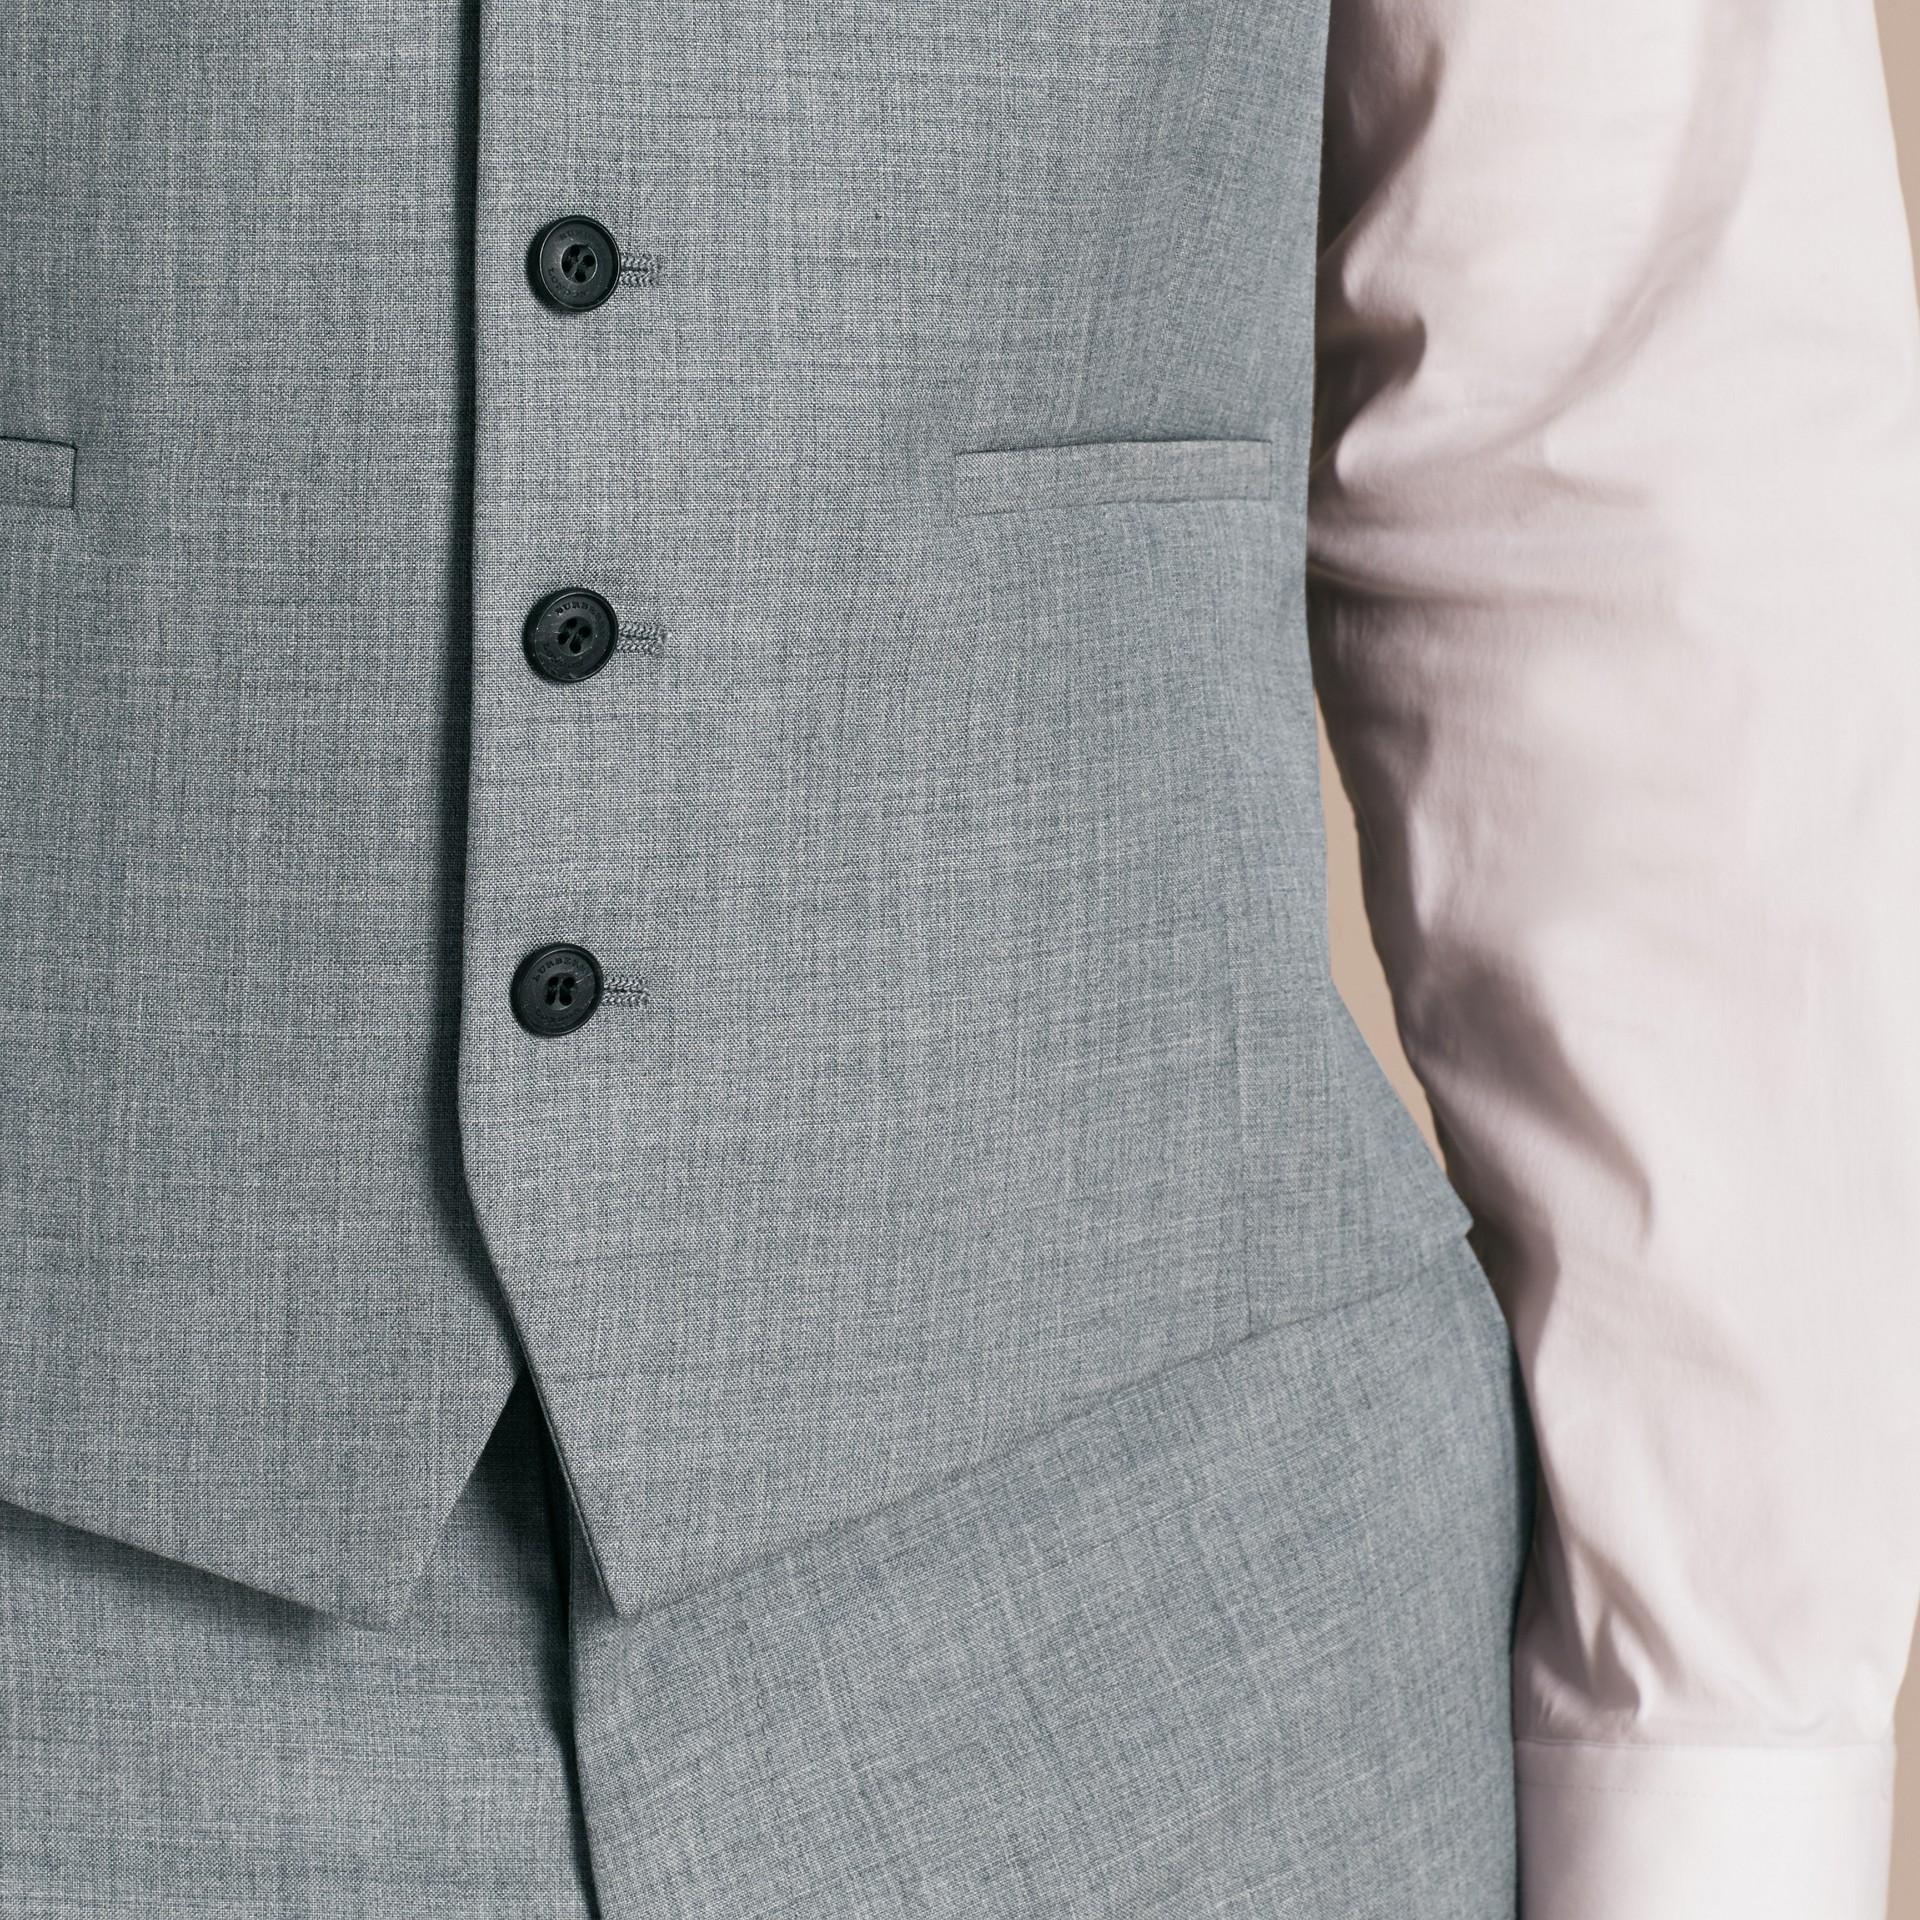 淺混合灰 現代剪裁羊毛與緞面裁片背心 - 圖庫照片 5